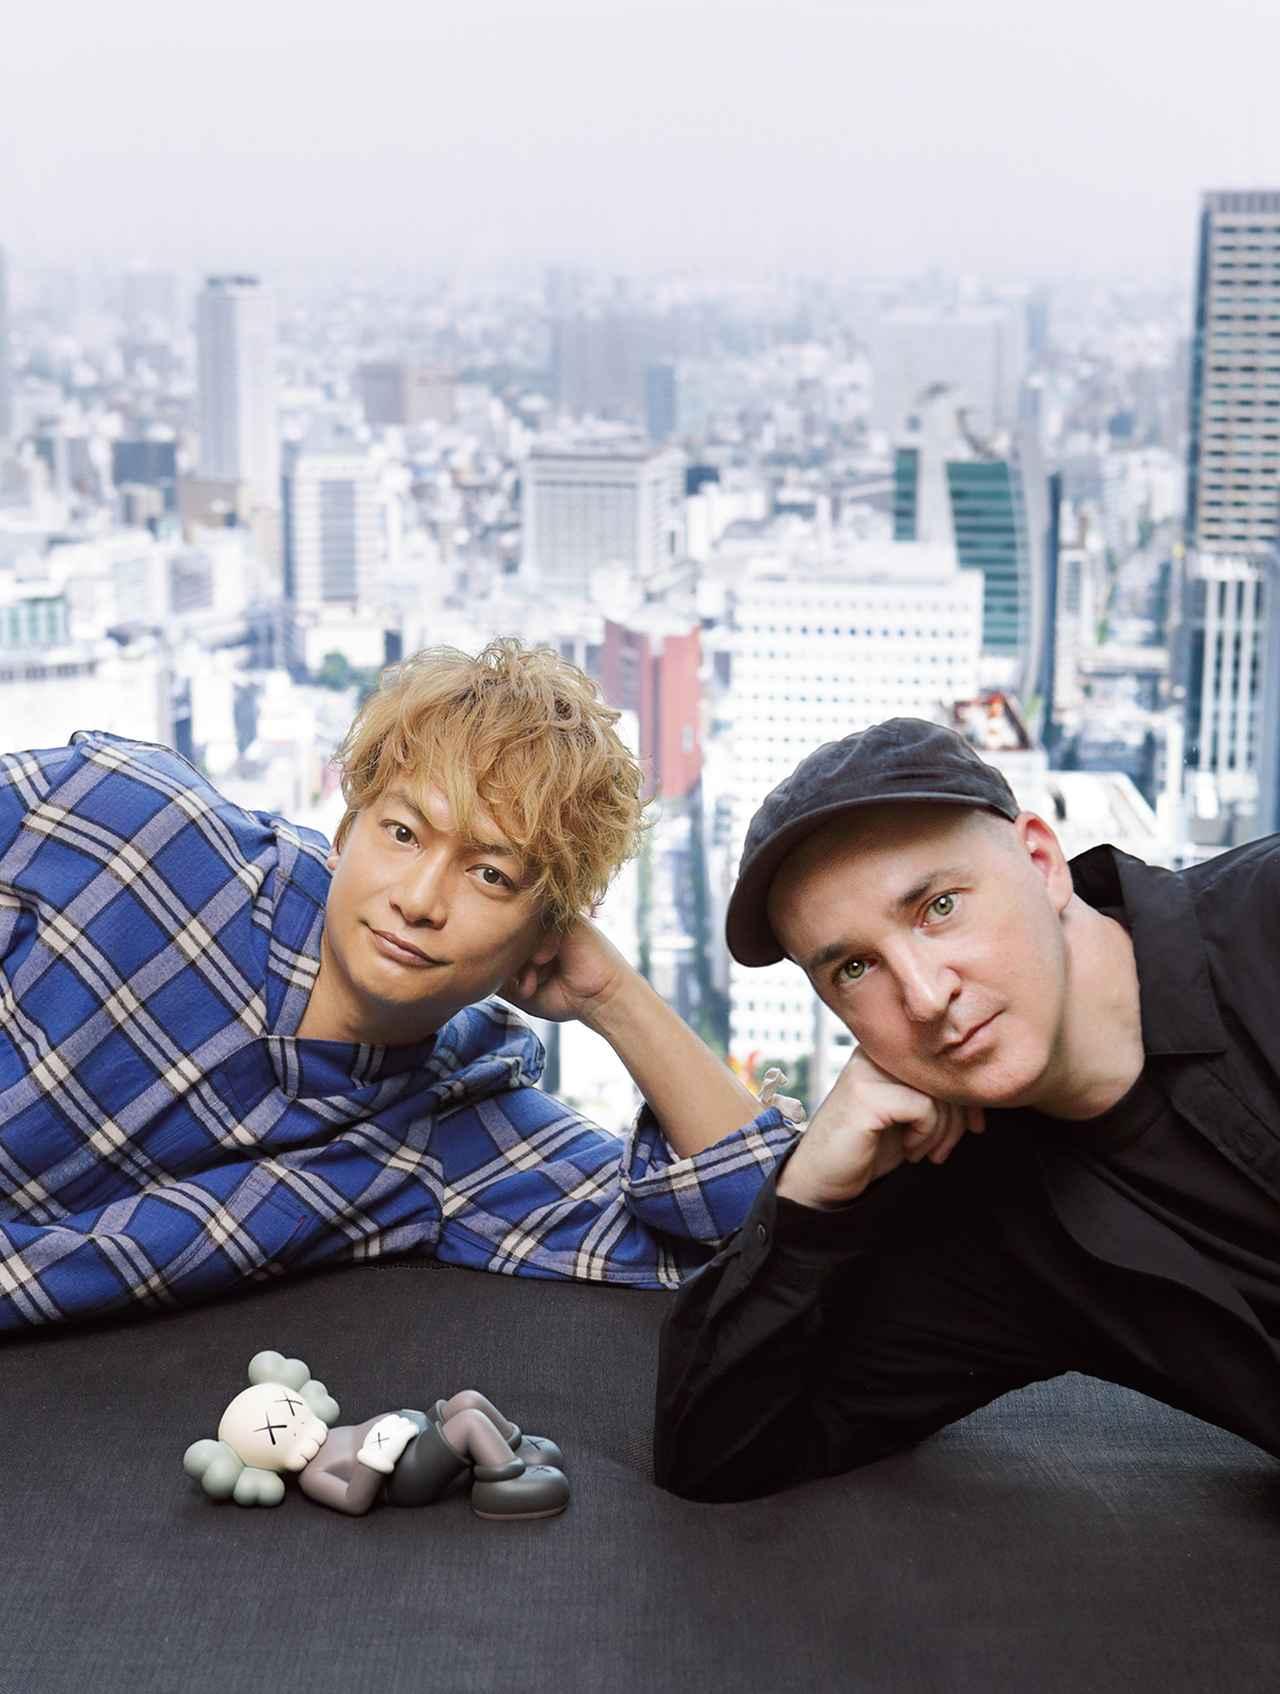 Images : 4番目の画像 - 「KAWSと香取慎吾。 ふたりが歩くアートの地図」のアルバム - T JAPAN:The New York Times Style Magazine 公式サイト